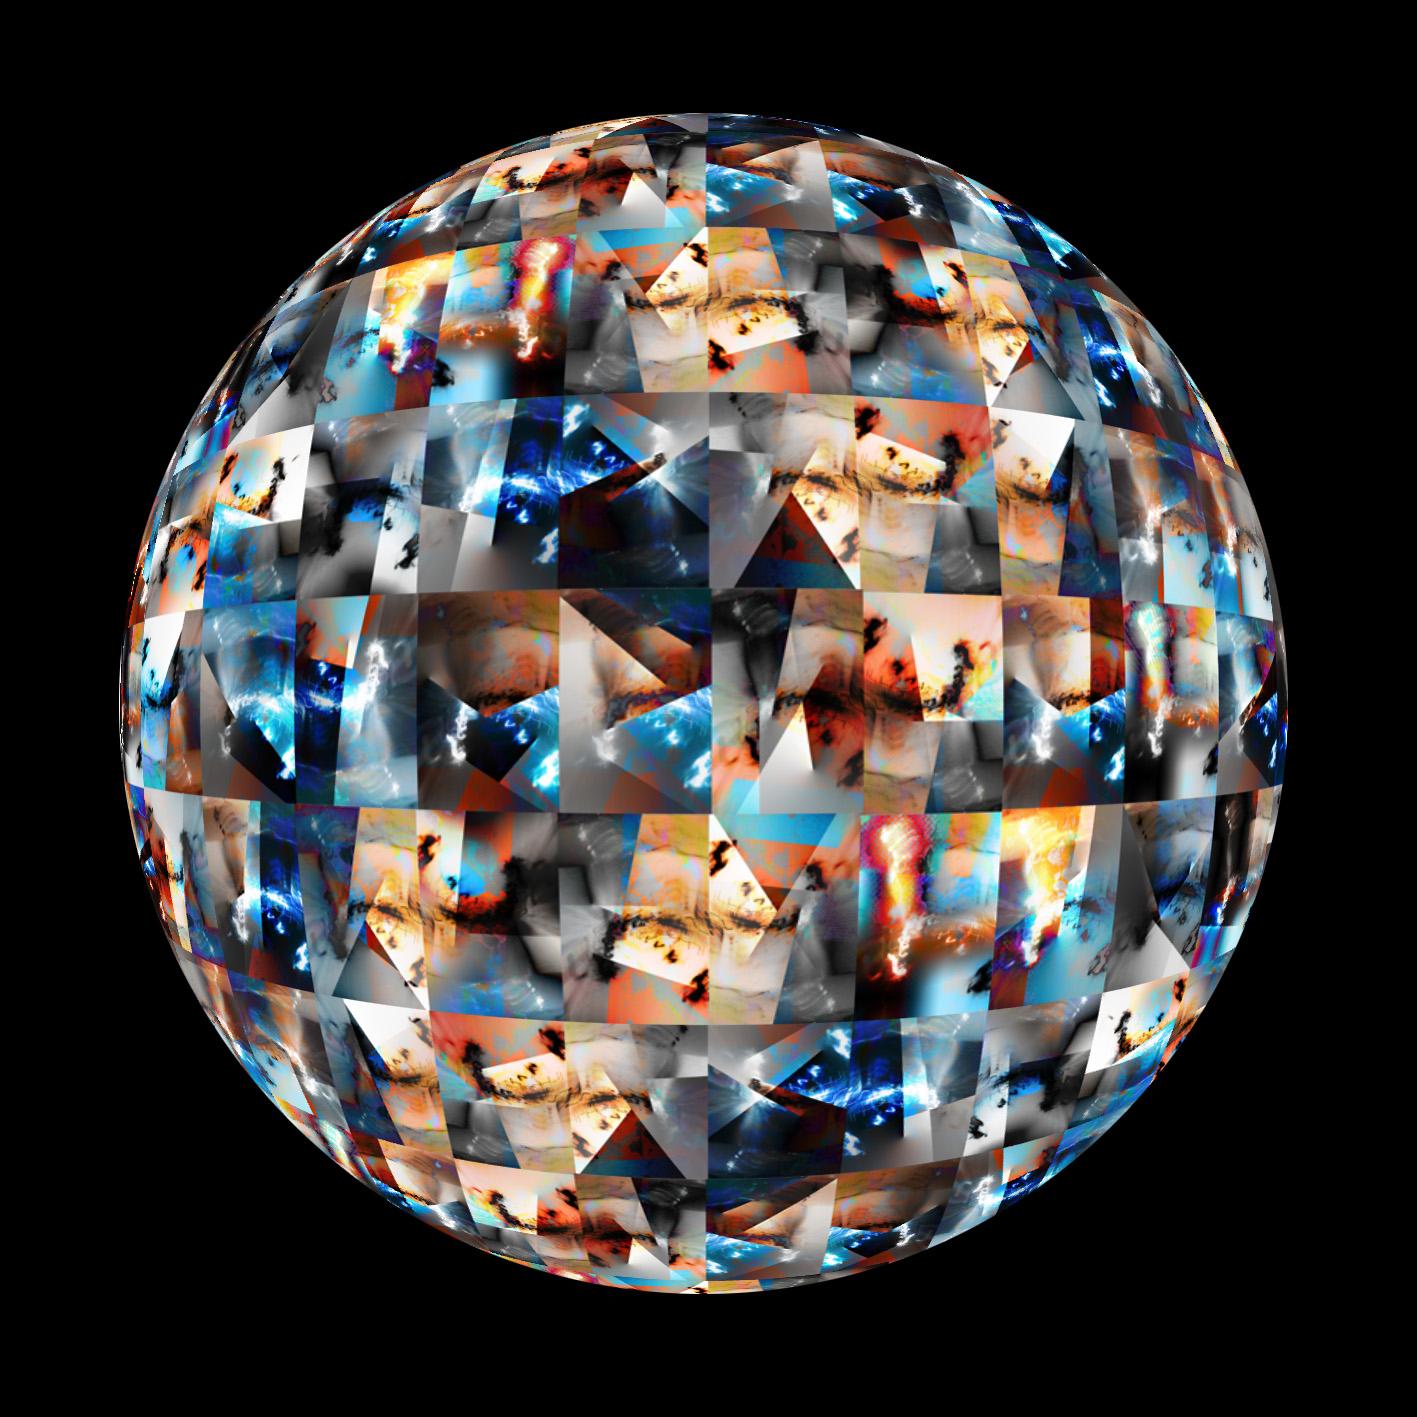 Сфера из картин, вокруг планеты Земля